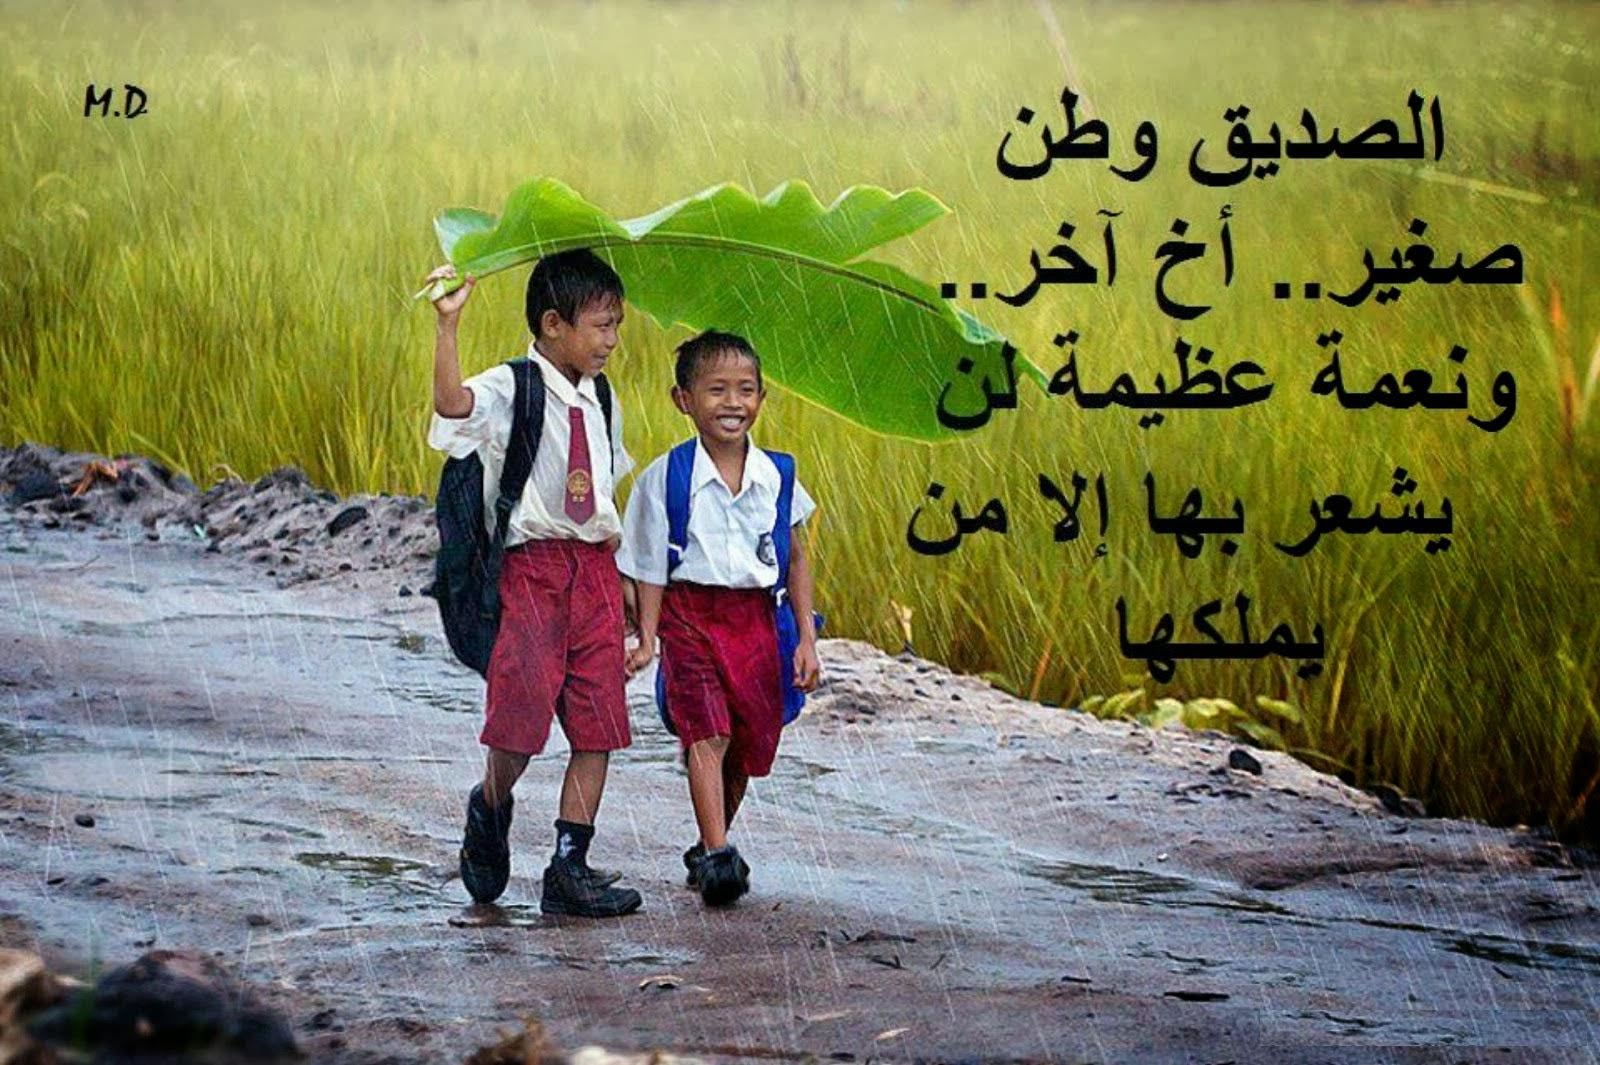 بالصور اجمل الصور مكتوب عليها عبارات جميله , احلي البوستات المكتوب عليها كلمات رائعة 4981 9